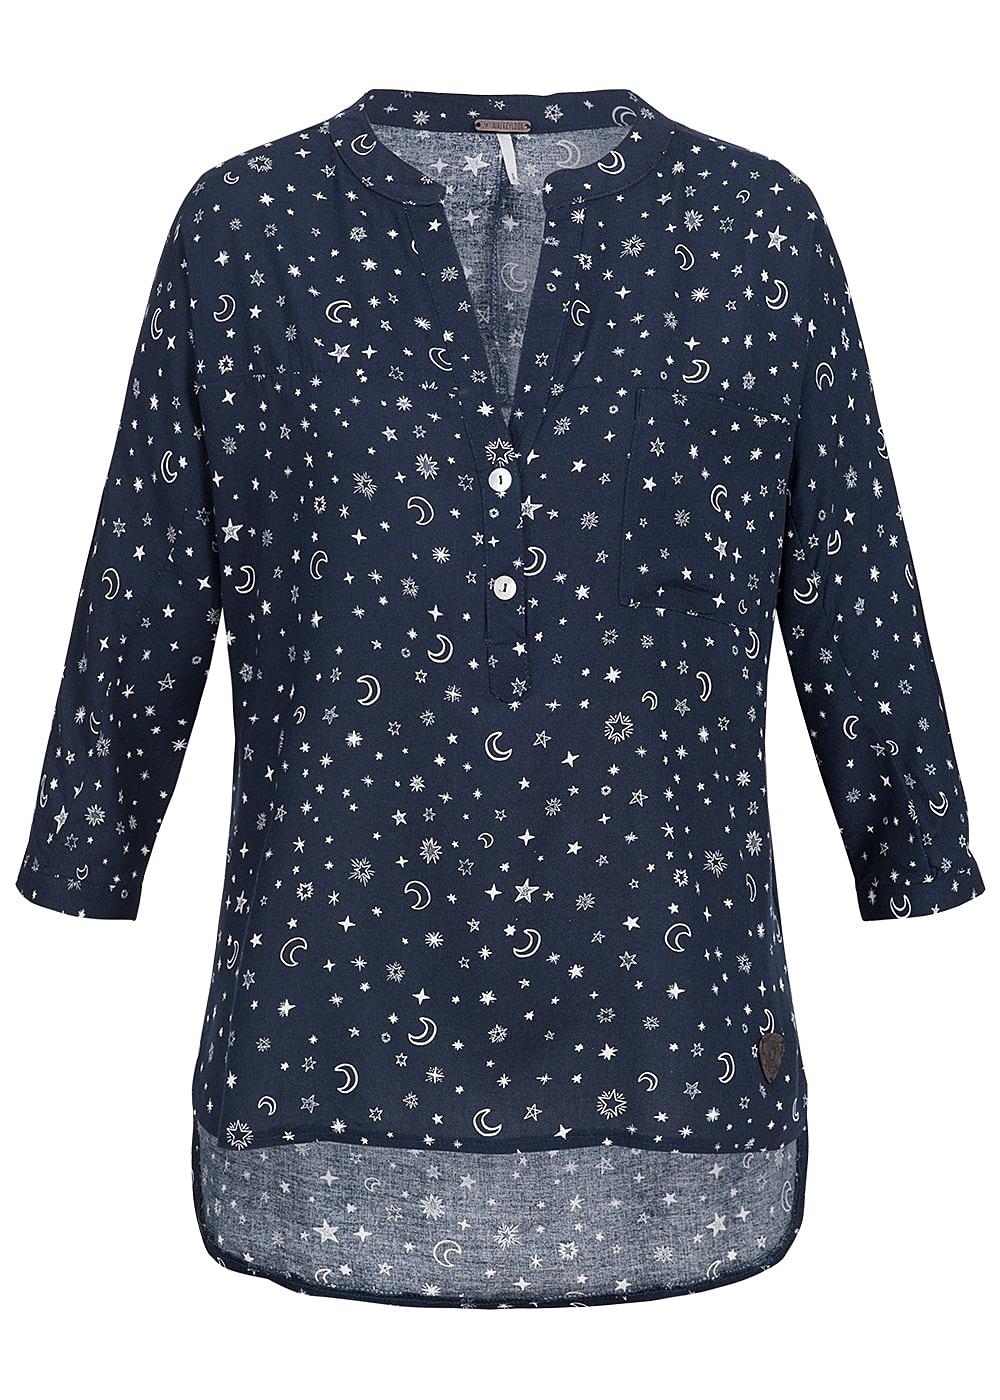 Aiki Damen Turn-Up Bluse 3/4 Ärmel Sterne Muster 3 Knöpfe Brusttasche navy blau weiss 17084035S NY